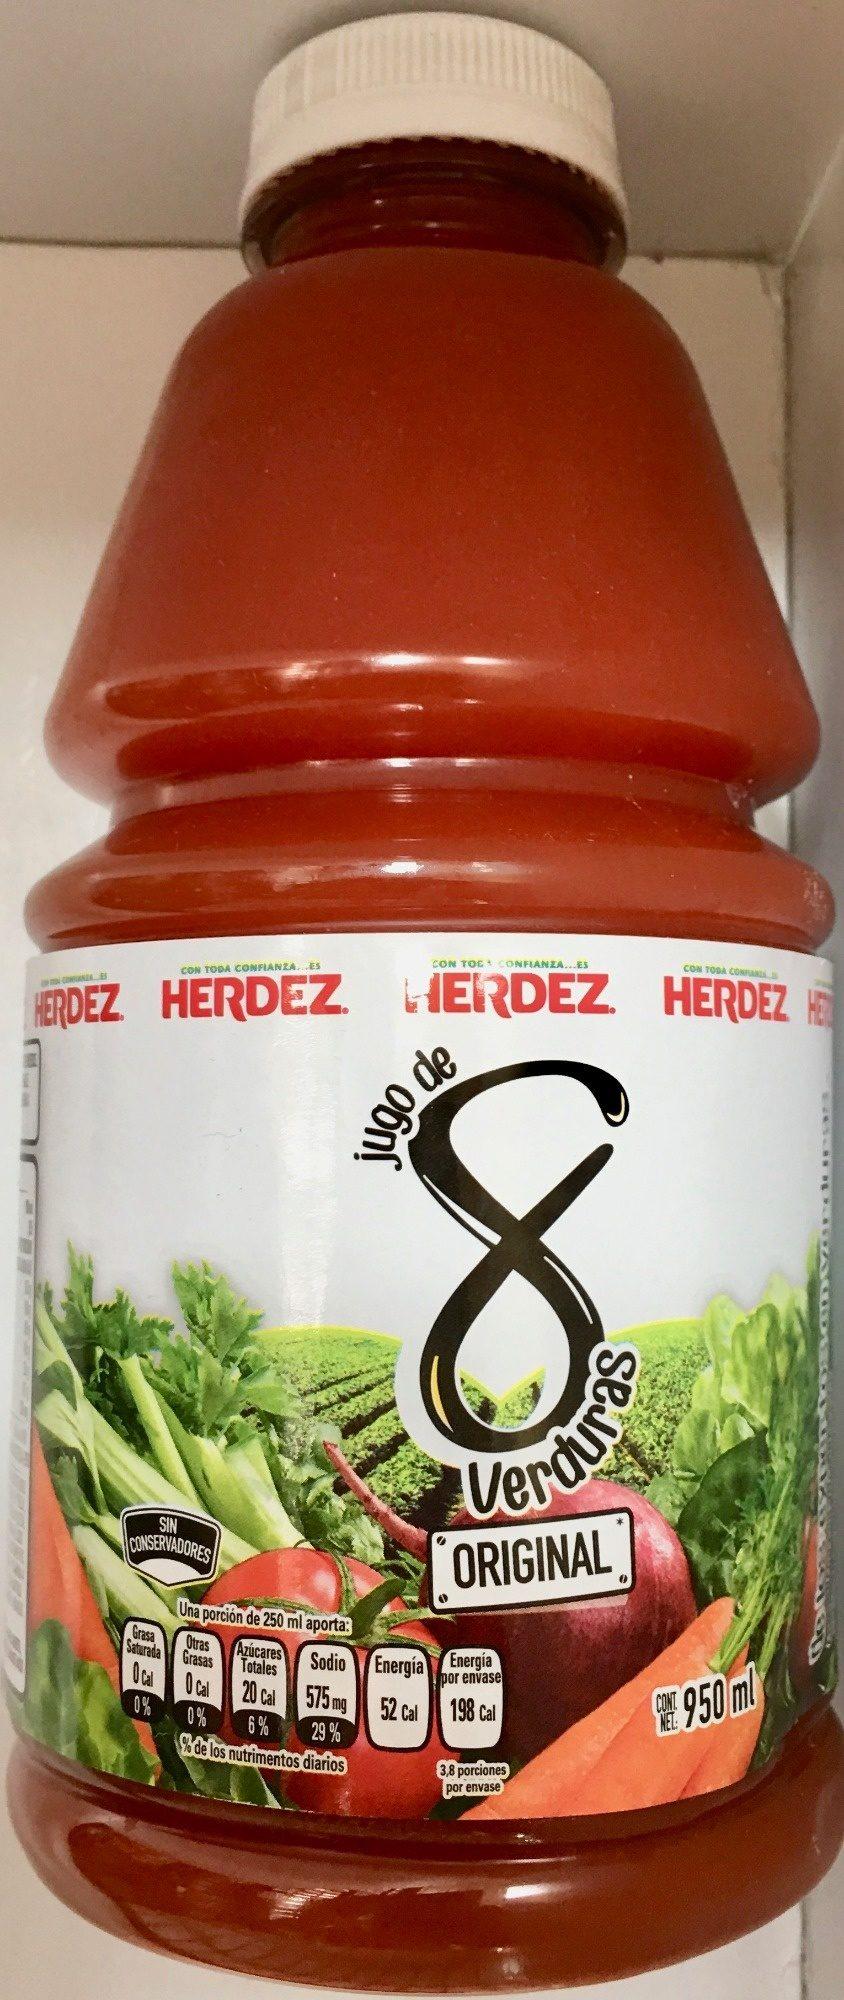 Herdez Jugo de 8 verduras - Product - es